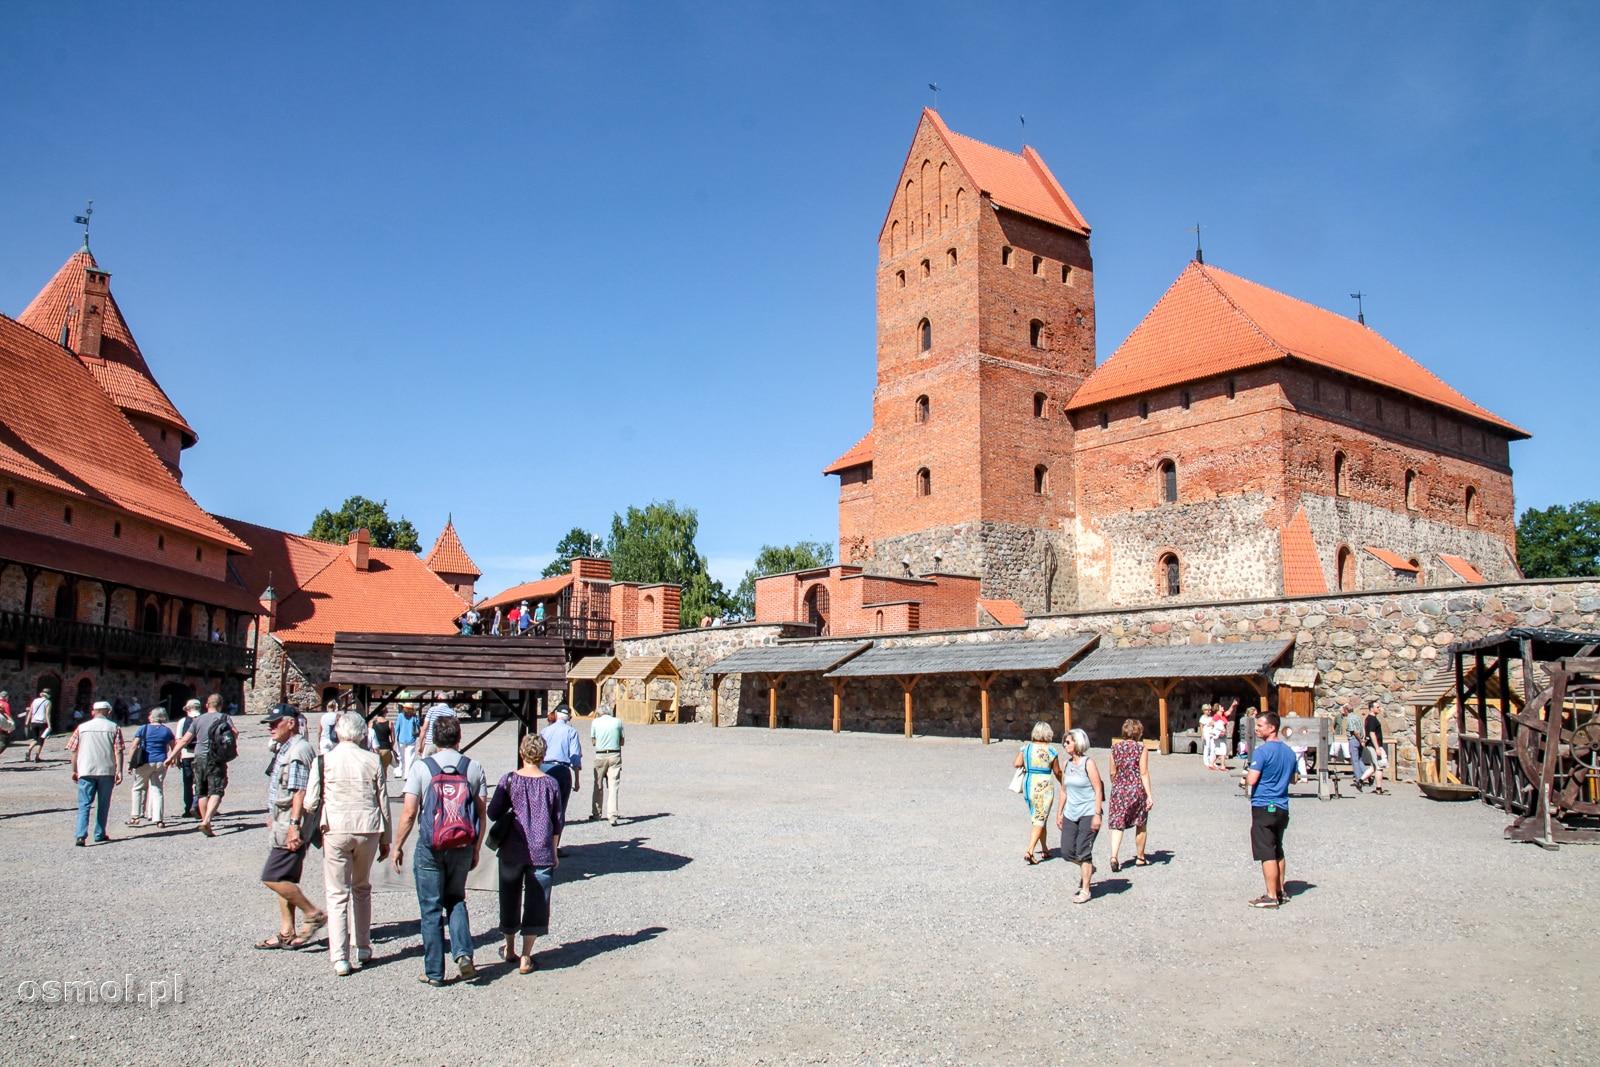 Widok na donżon zamku w Trokach na Litwie